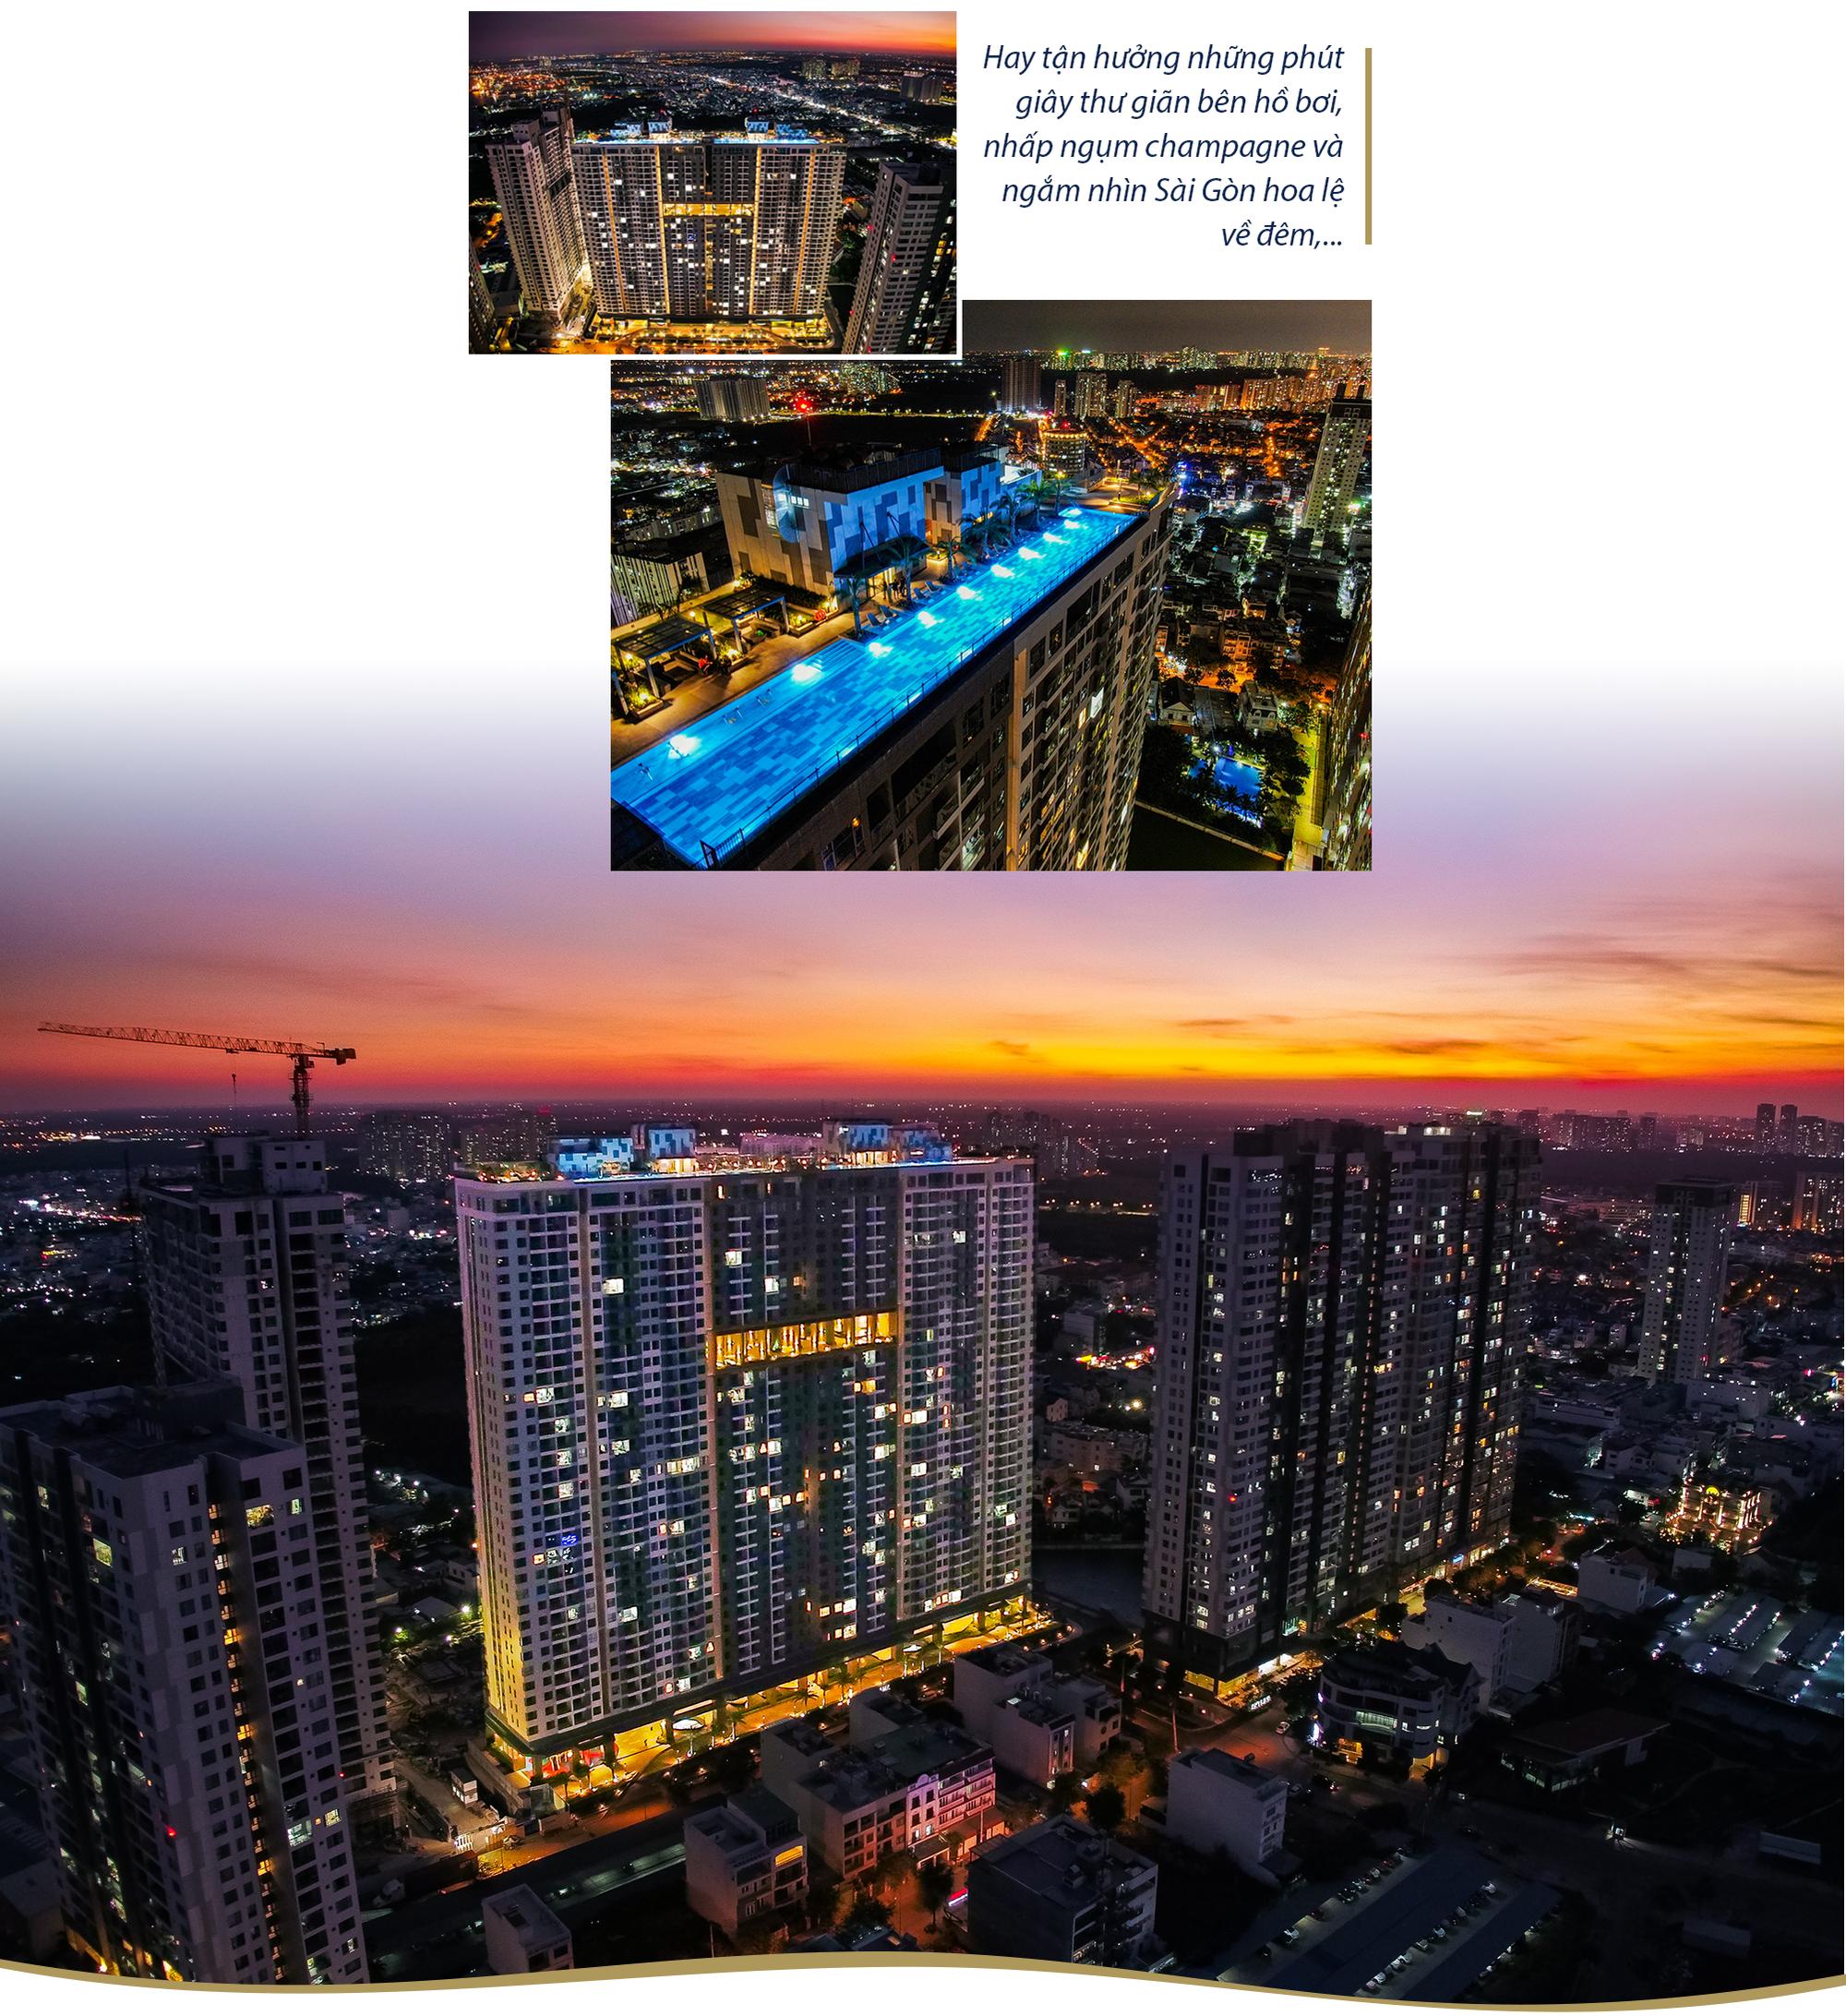 Tập đoàn BĐS An Gia (AGG) mang trải nghiệm sống tốt hơn cho cư dân River Panorama - Ảnh 4.